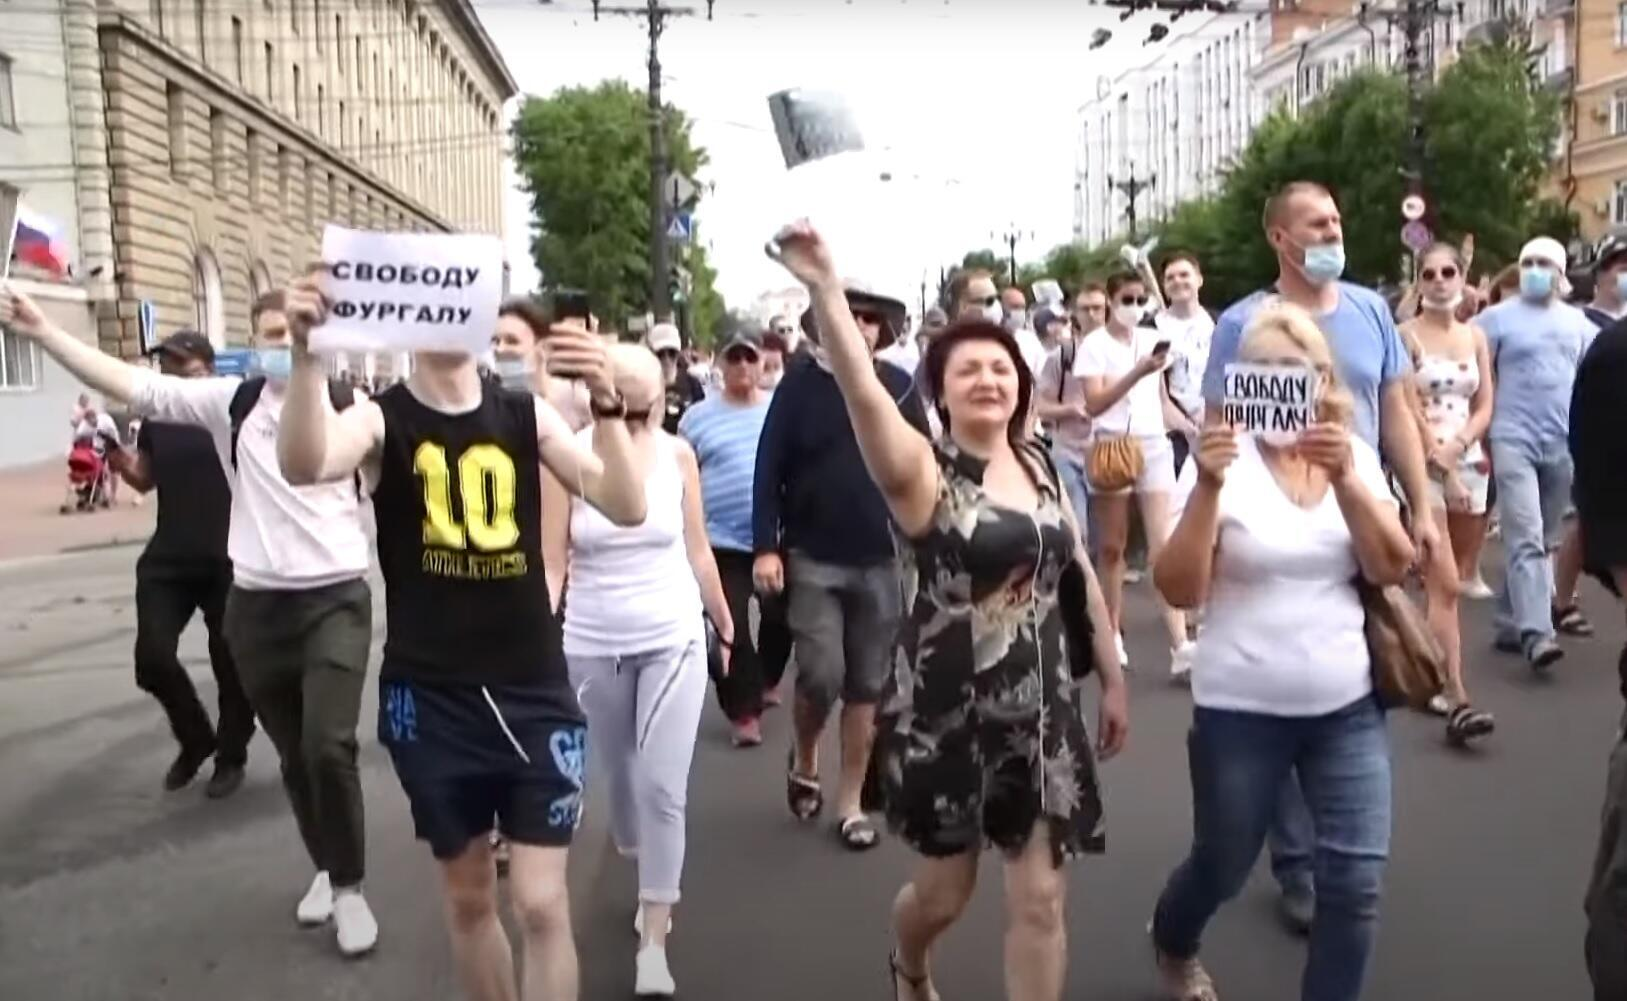 Manifestations anti-Kremlin dans la région russe de Khabarovsk, en Extrême-Orient, après l'arrestation d'un gouverneur populaire.